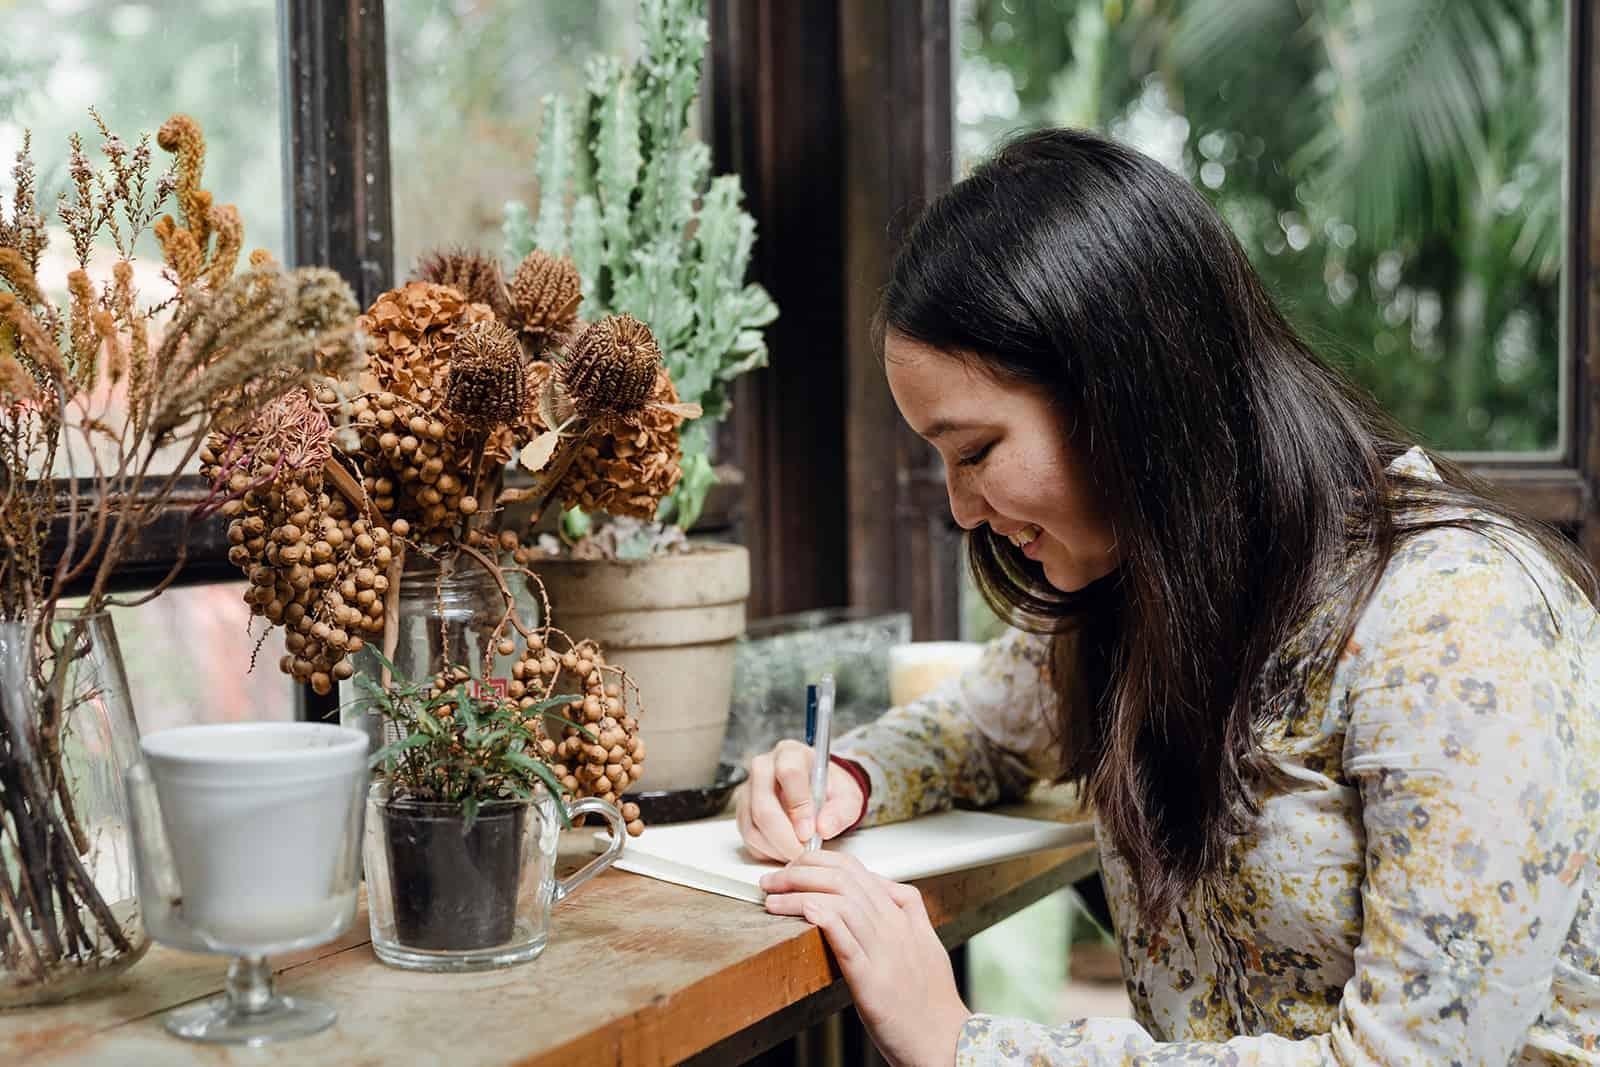 eine glückliche Frau, die einen Liebesbrief schreibt, während sie in der Nähe der Pflanzen sitzt